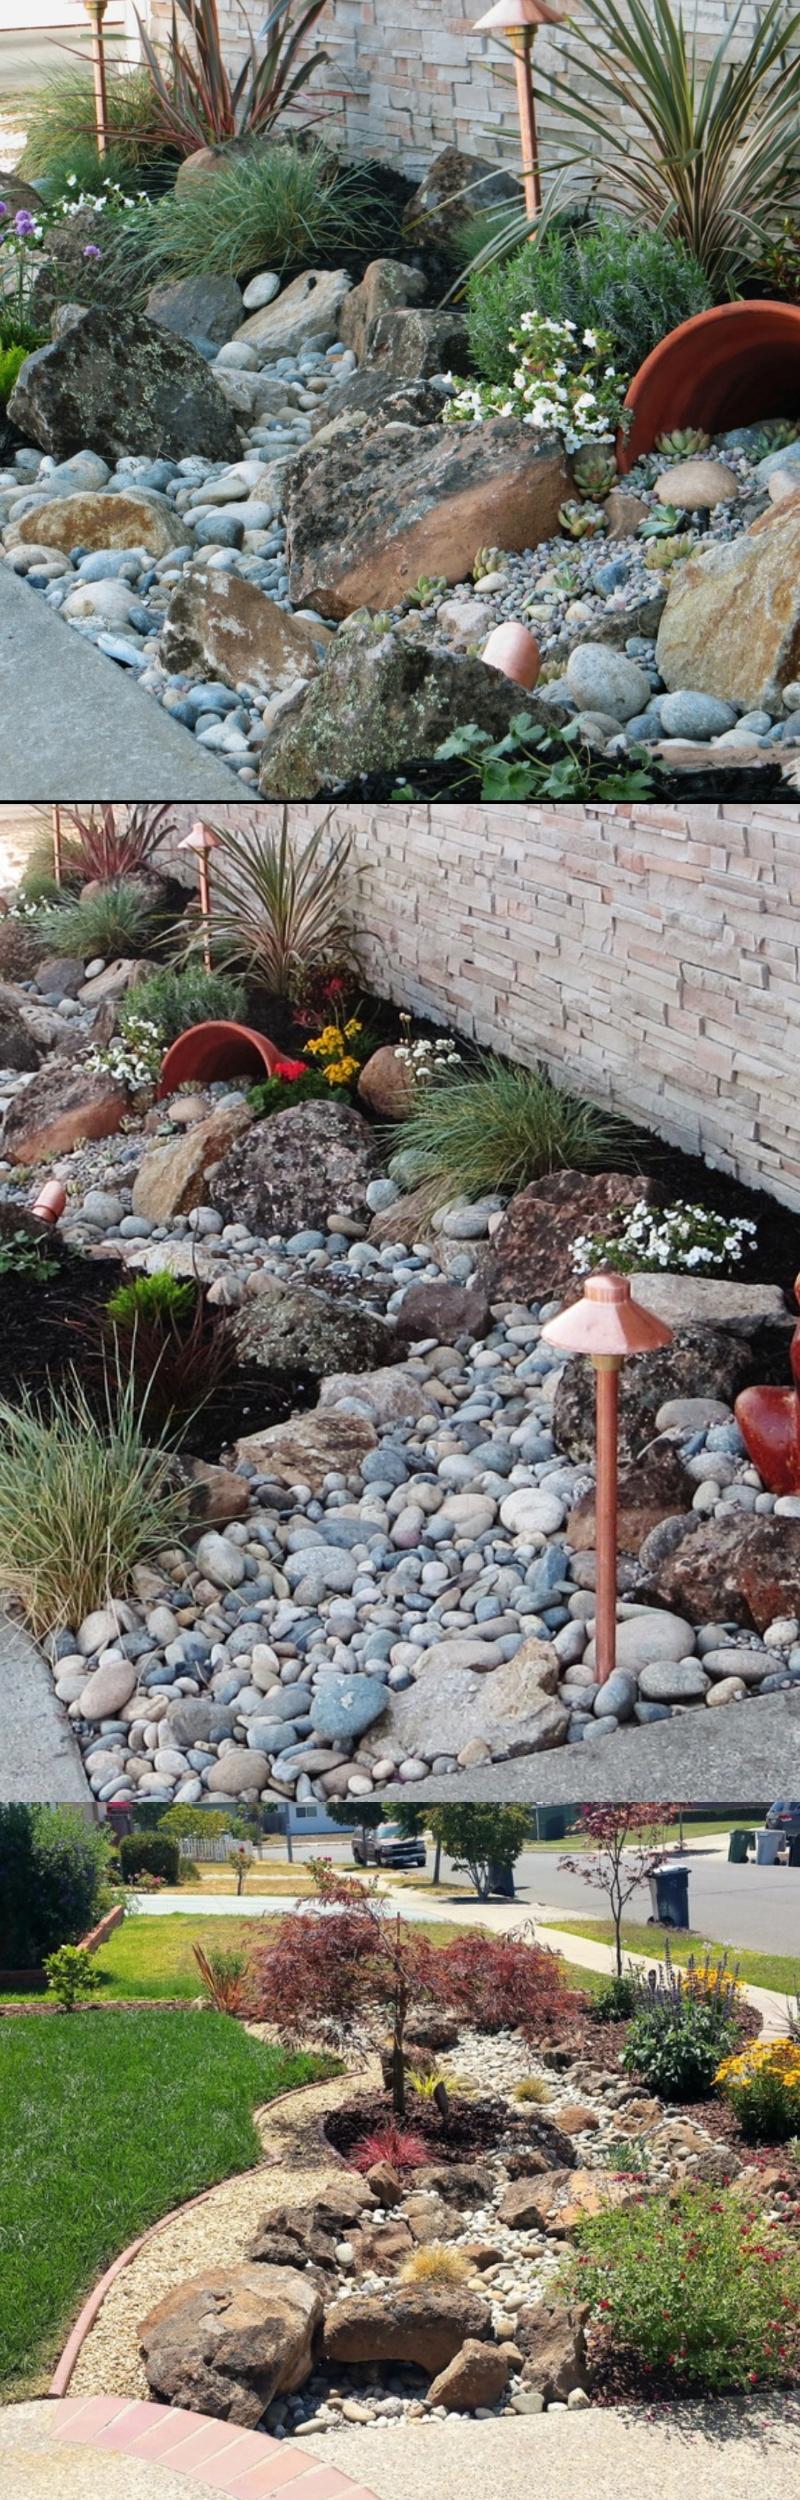 backyard landscape ideas with rock